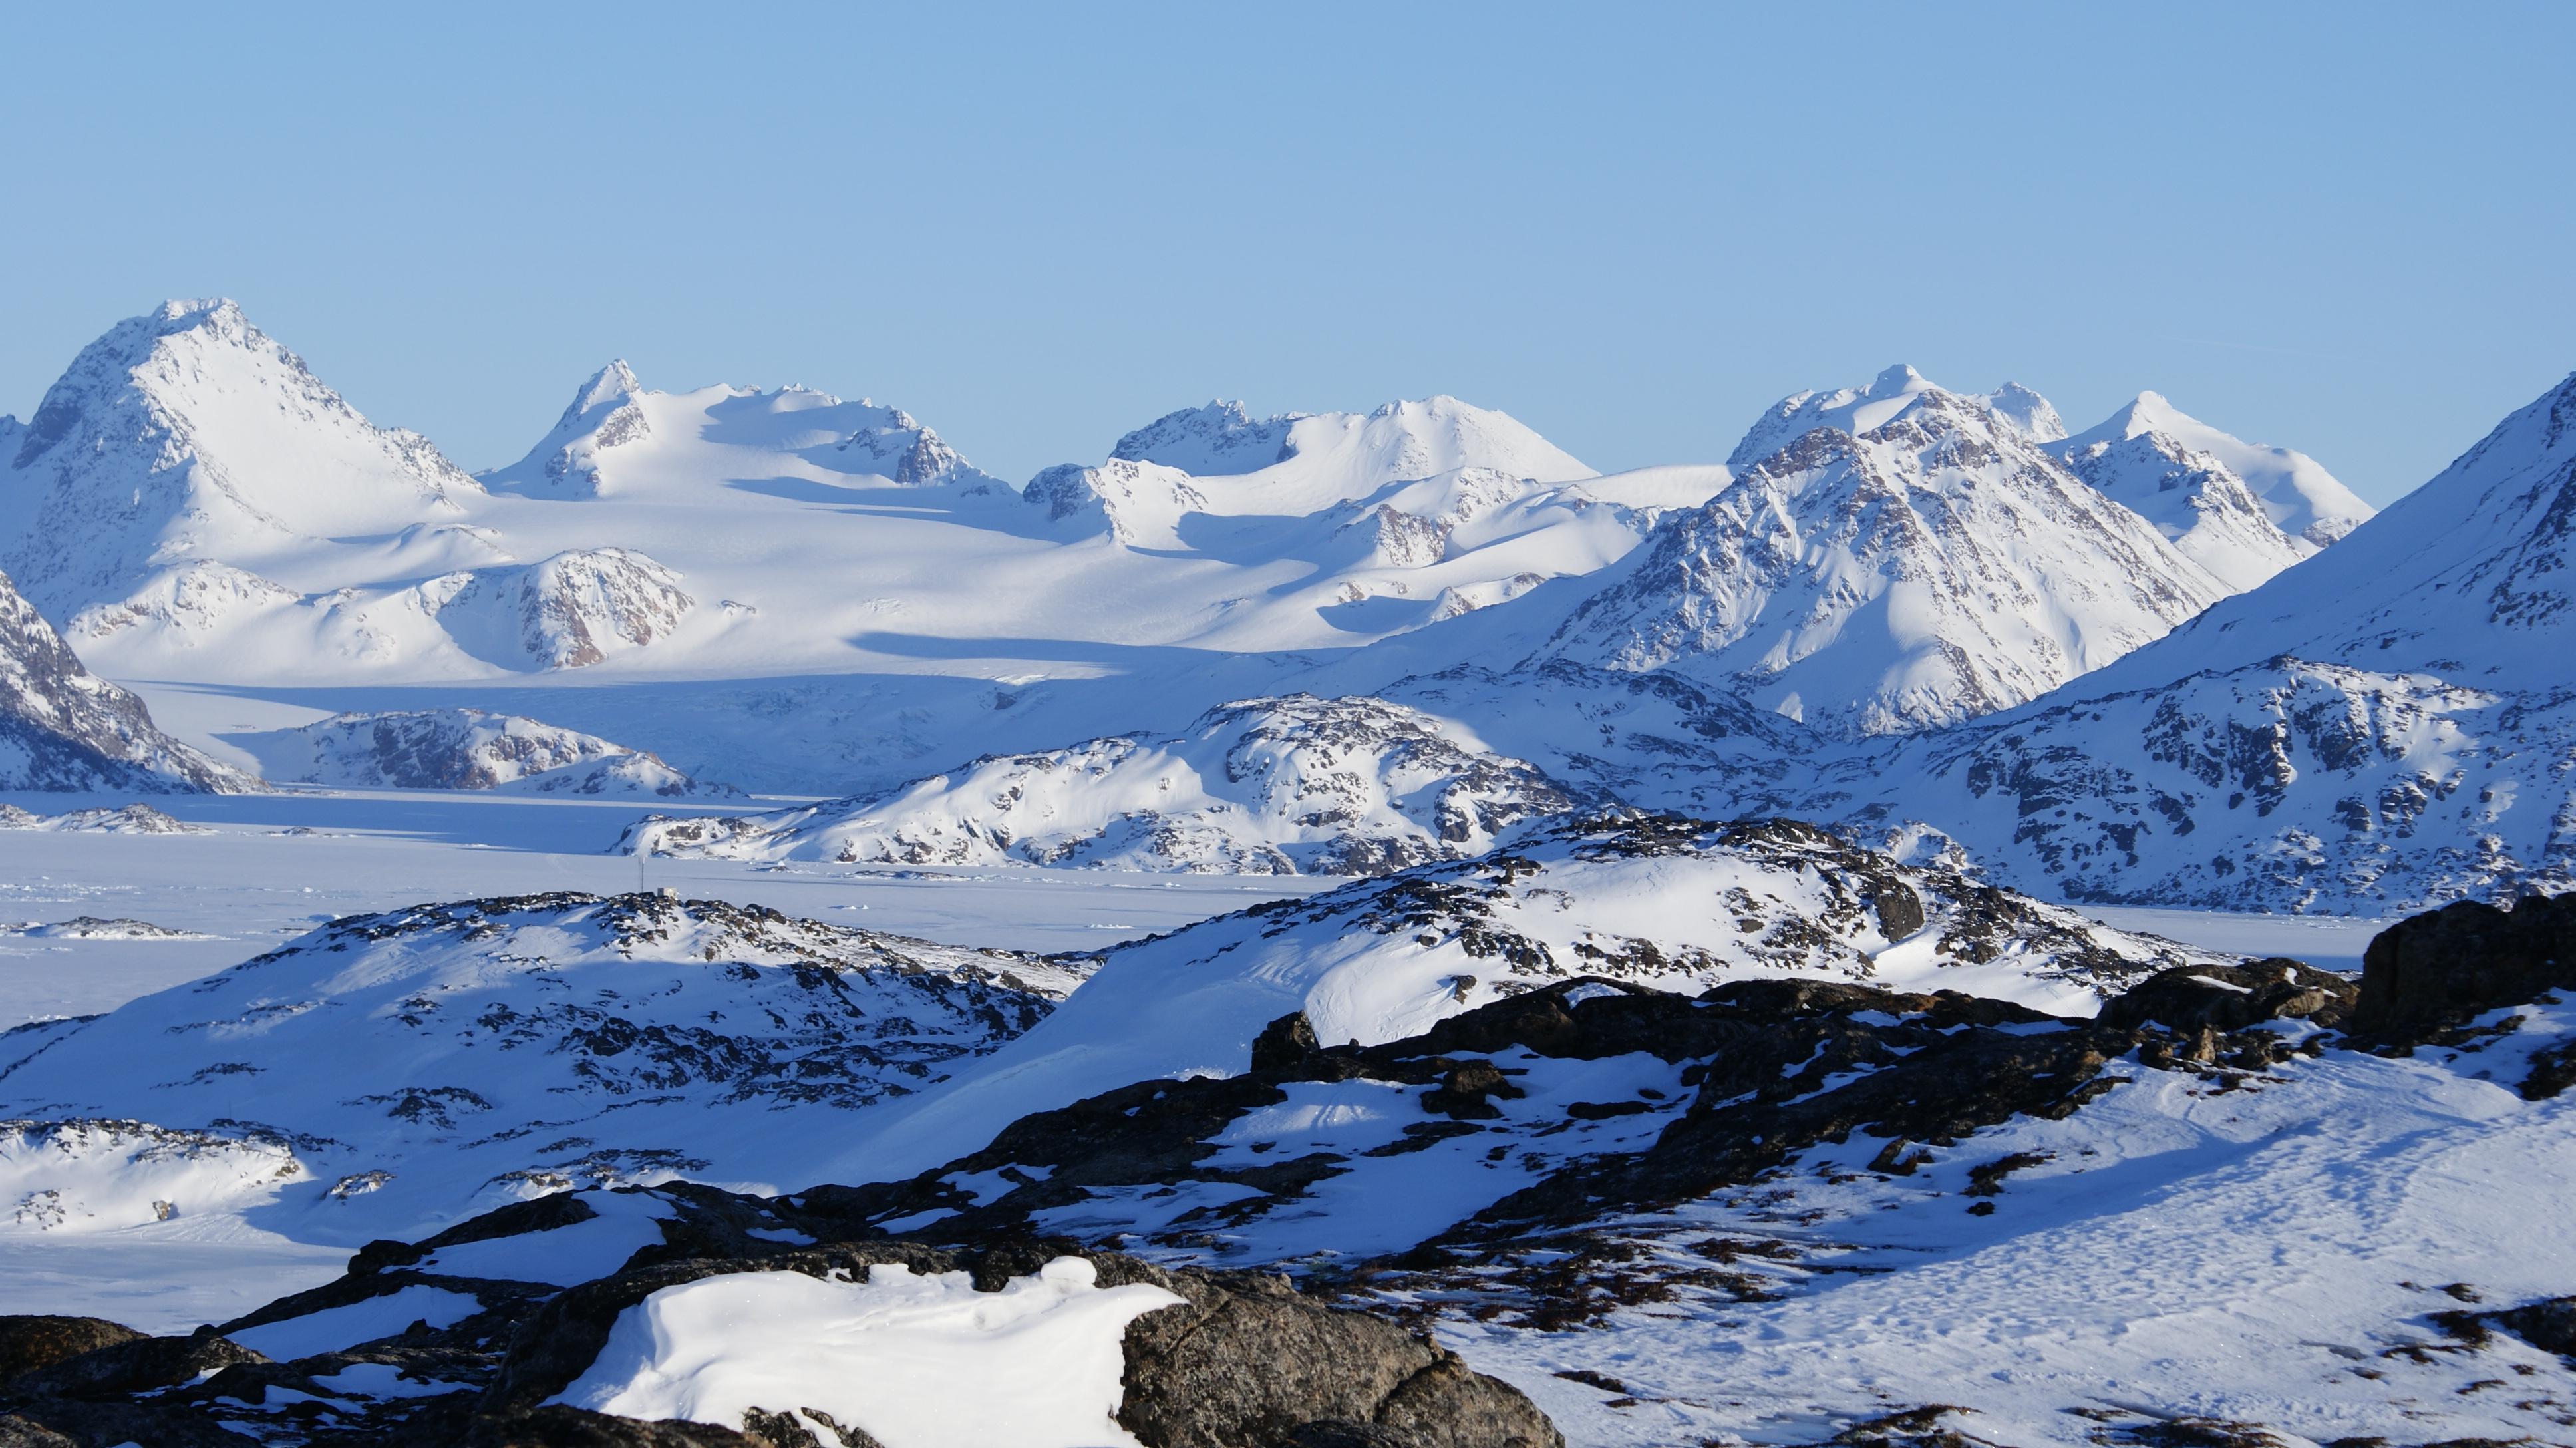 File Apusiaajik Glacier